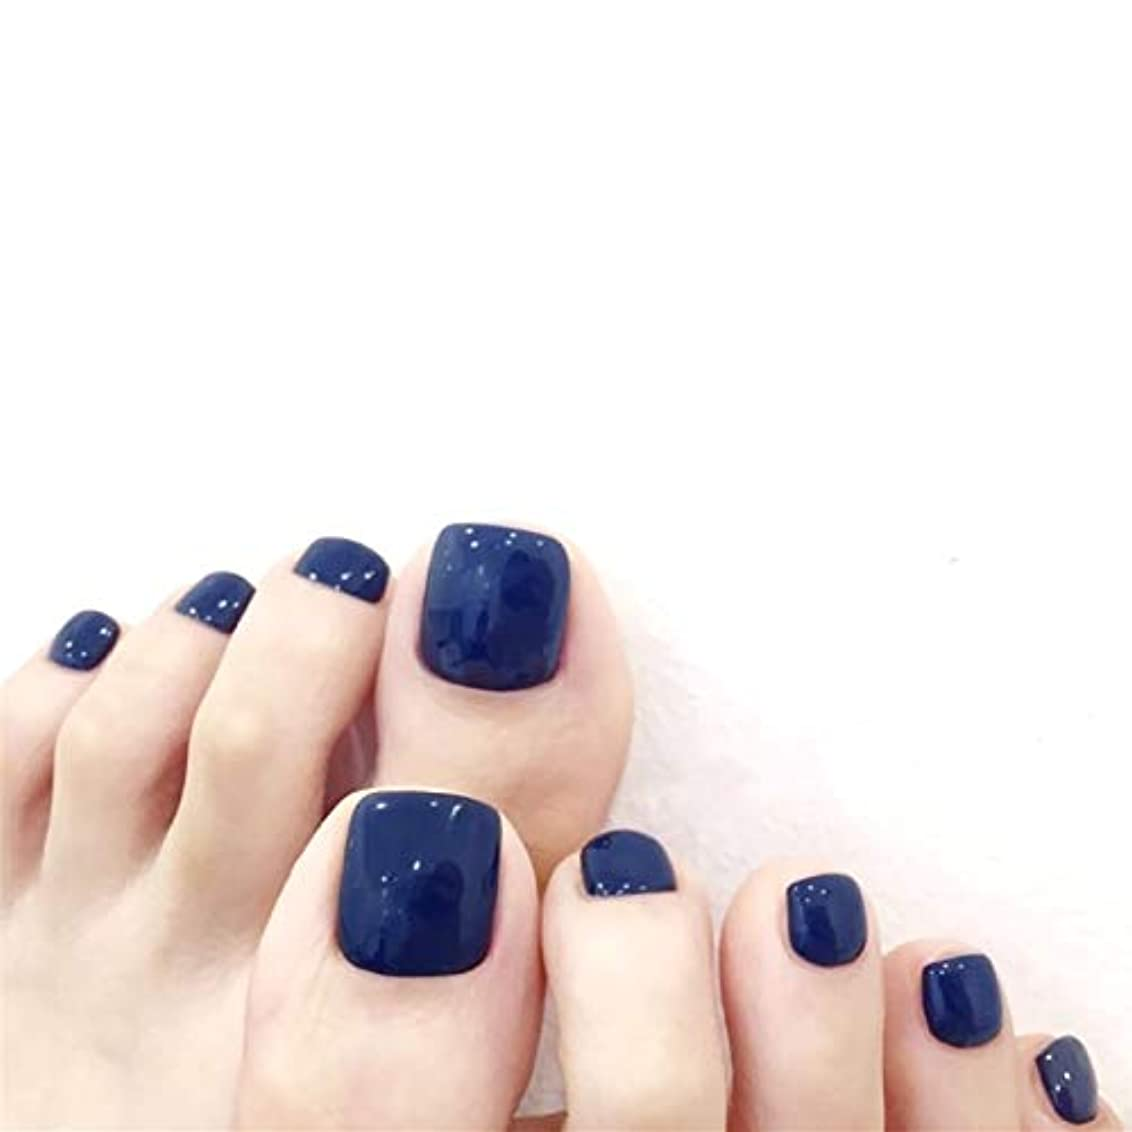 エンティティ七面鳥円形ネイビーブルー フットネイルチップ 足の爪用ネイルチップ 24枚セットつけ爪